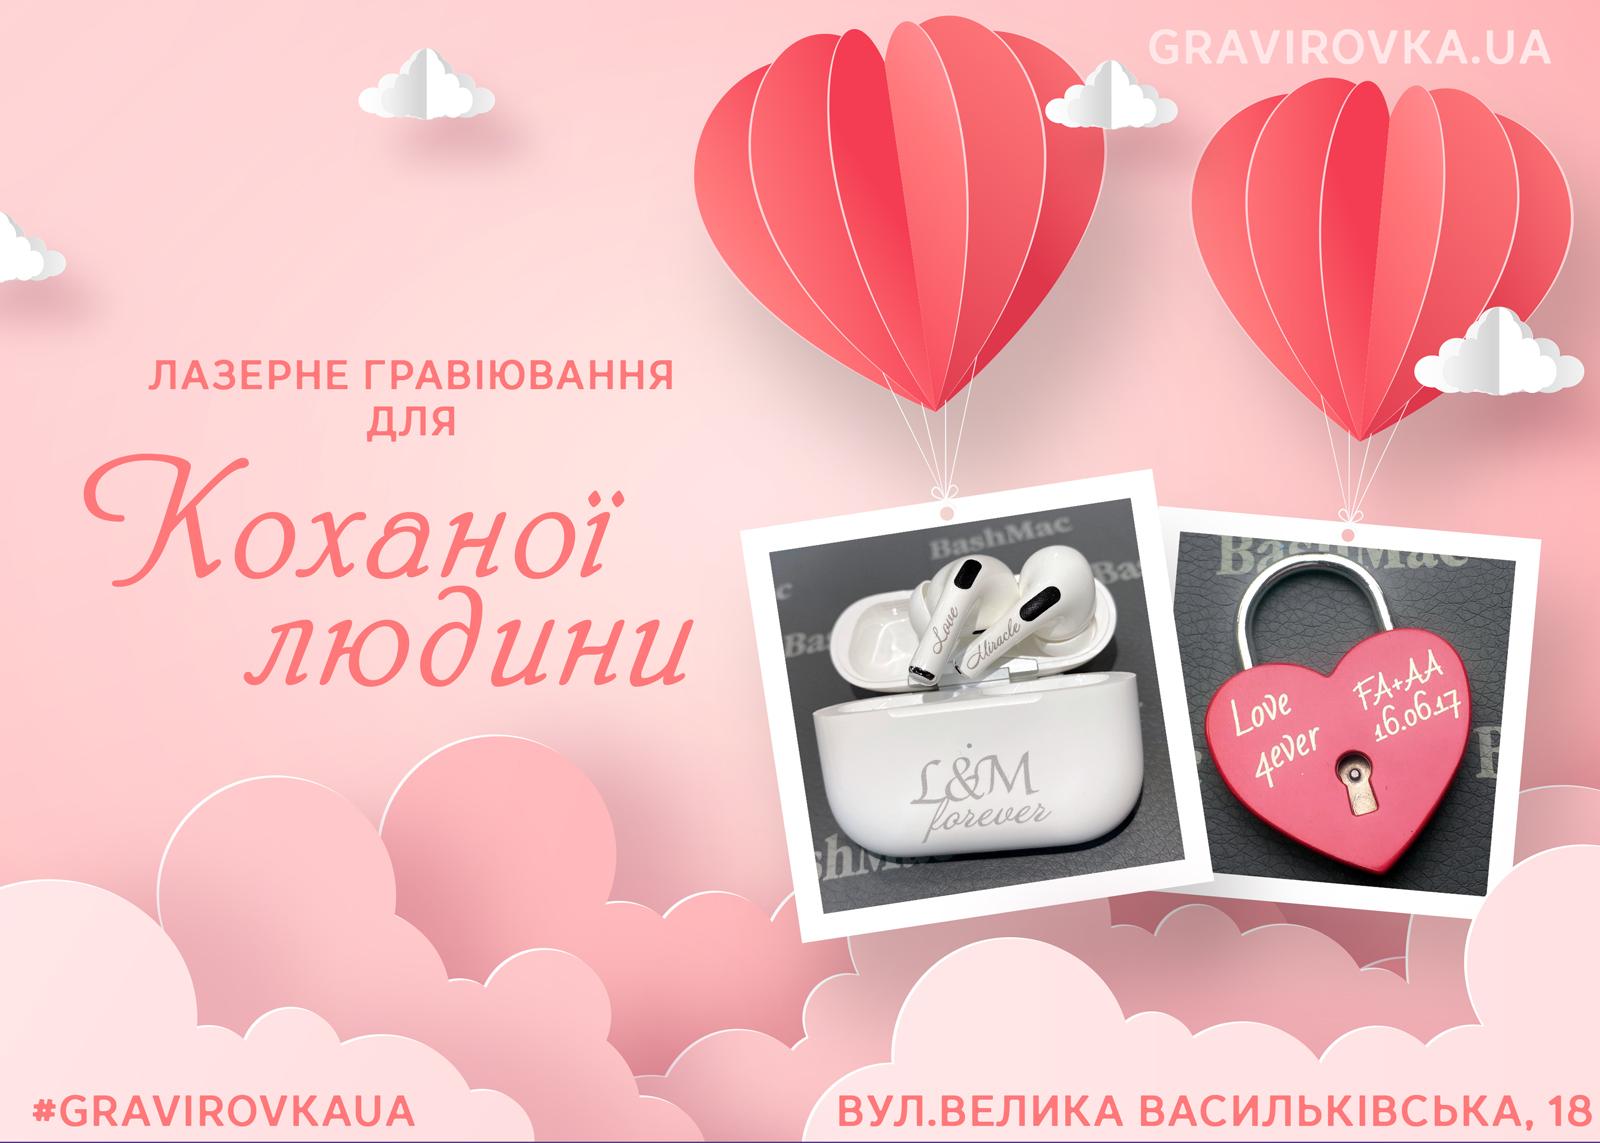 лазерне гравіювання подарунків на 14 лютого